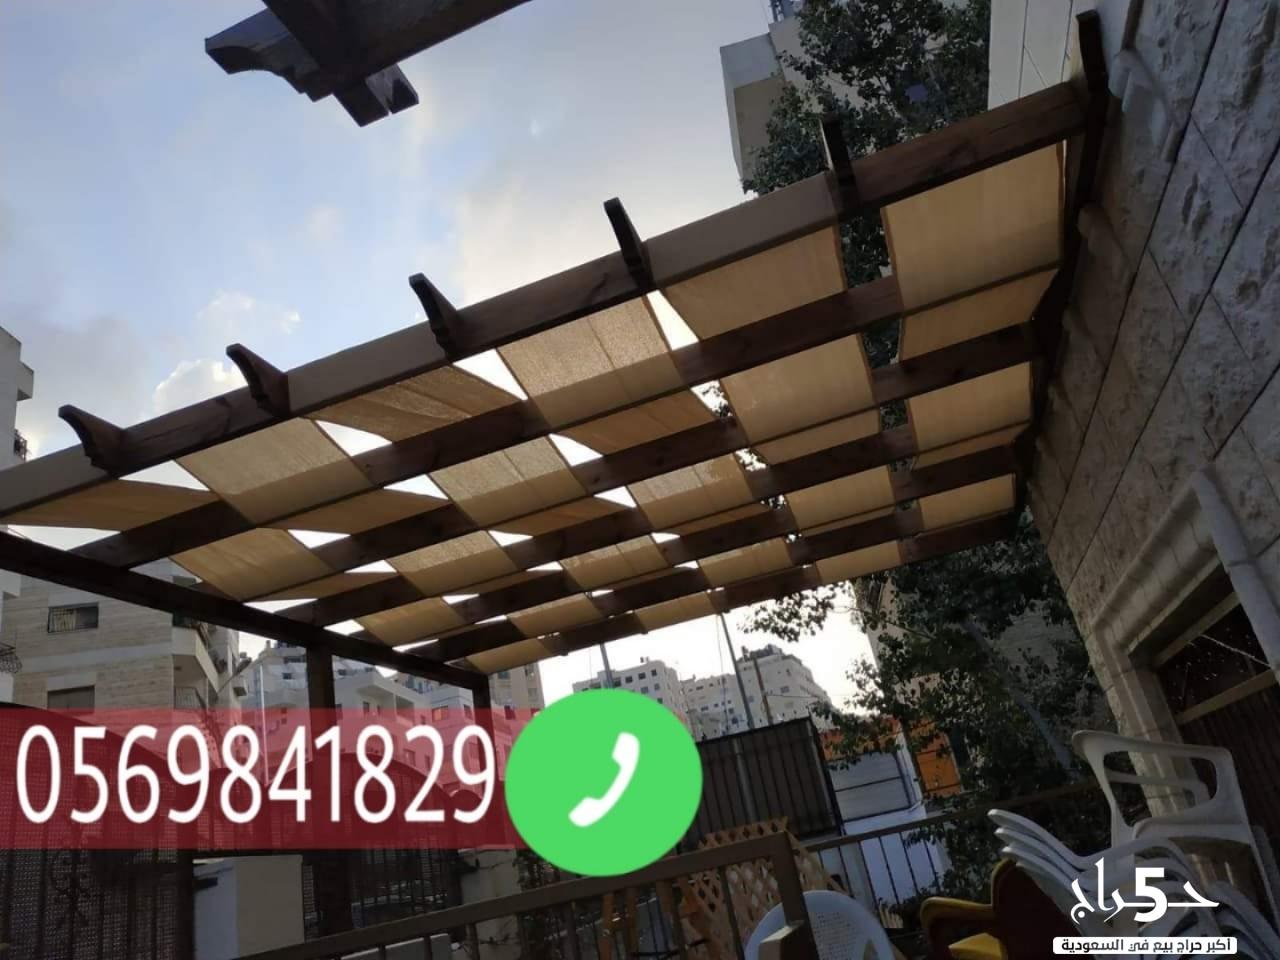 تركيب مظلات حدائق , مظلات السيارات بالباحه , مظلات وسواتر الطائف 0569841829